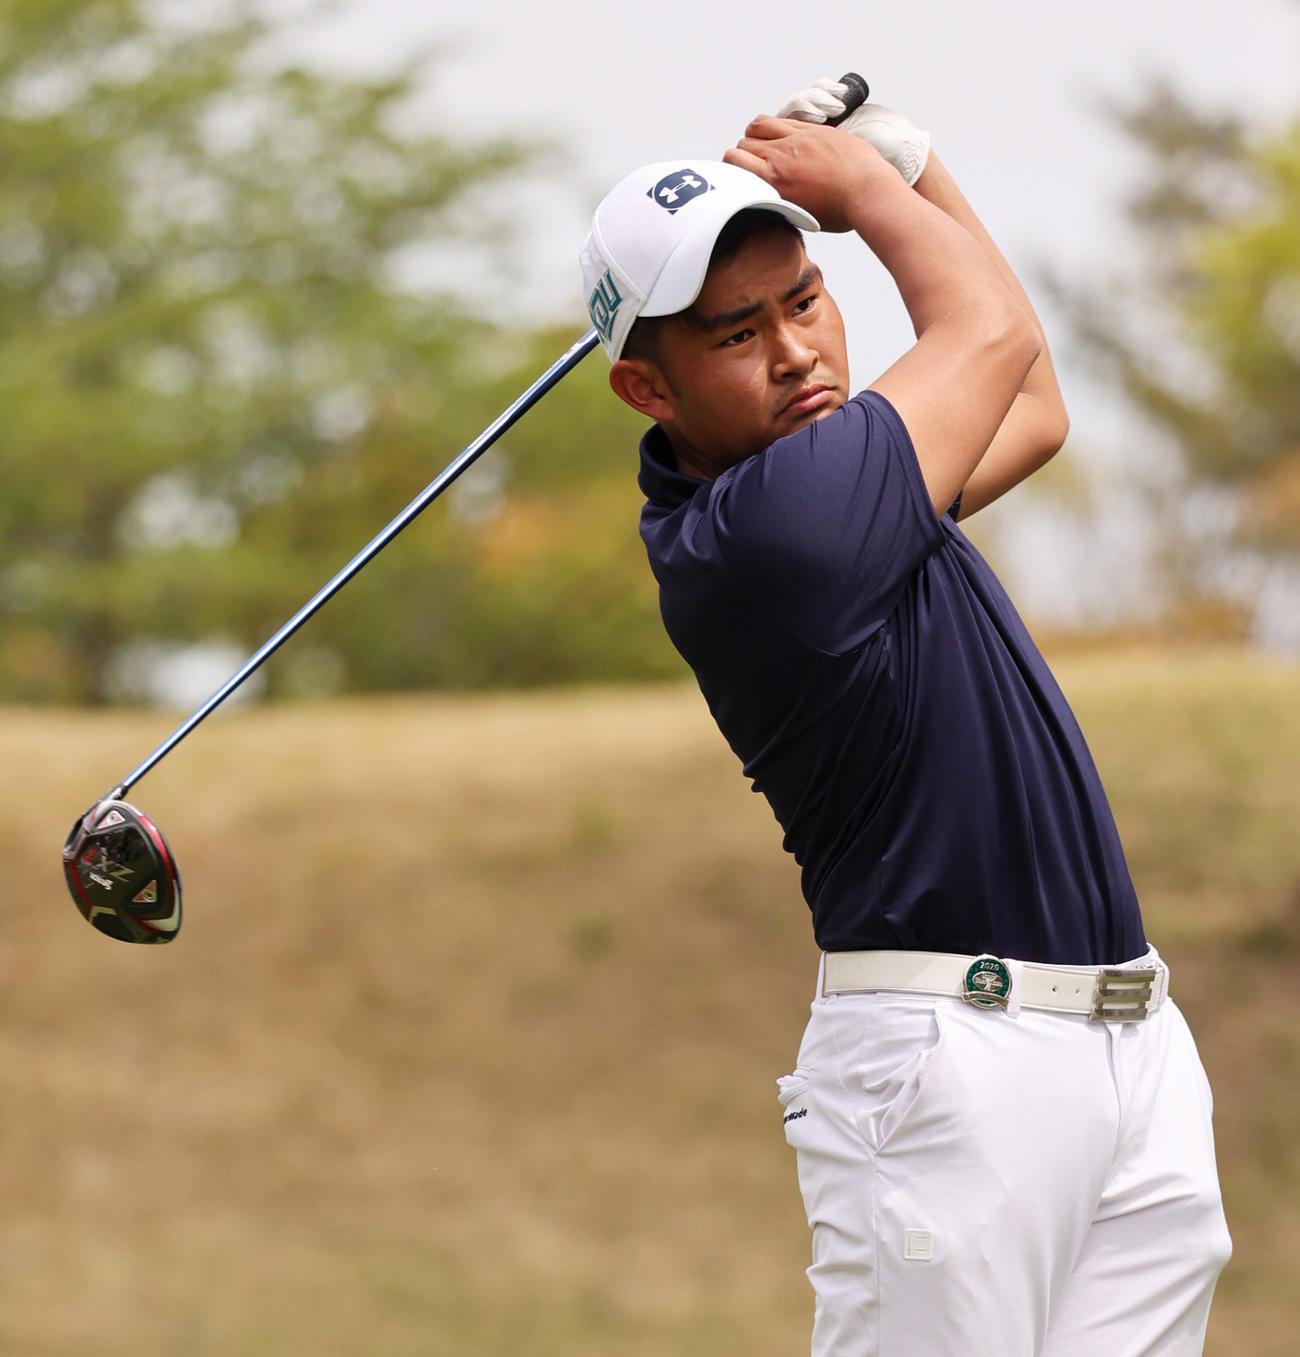 関西オープンゴルフ選手権第1日 1番、ティーショットを放つアマチュアの山下勝将(撮影・清水貴仁)